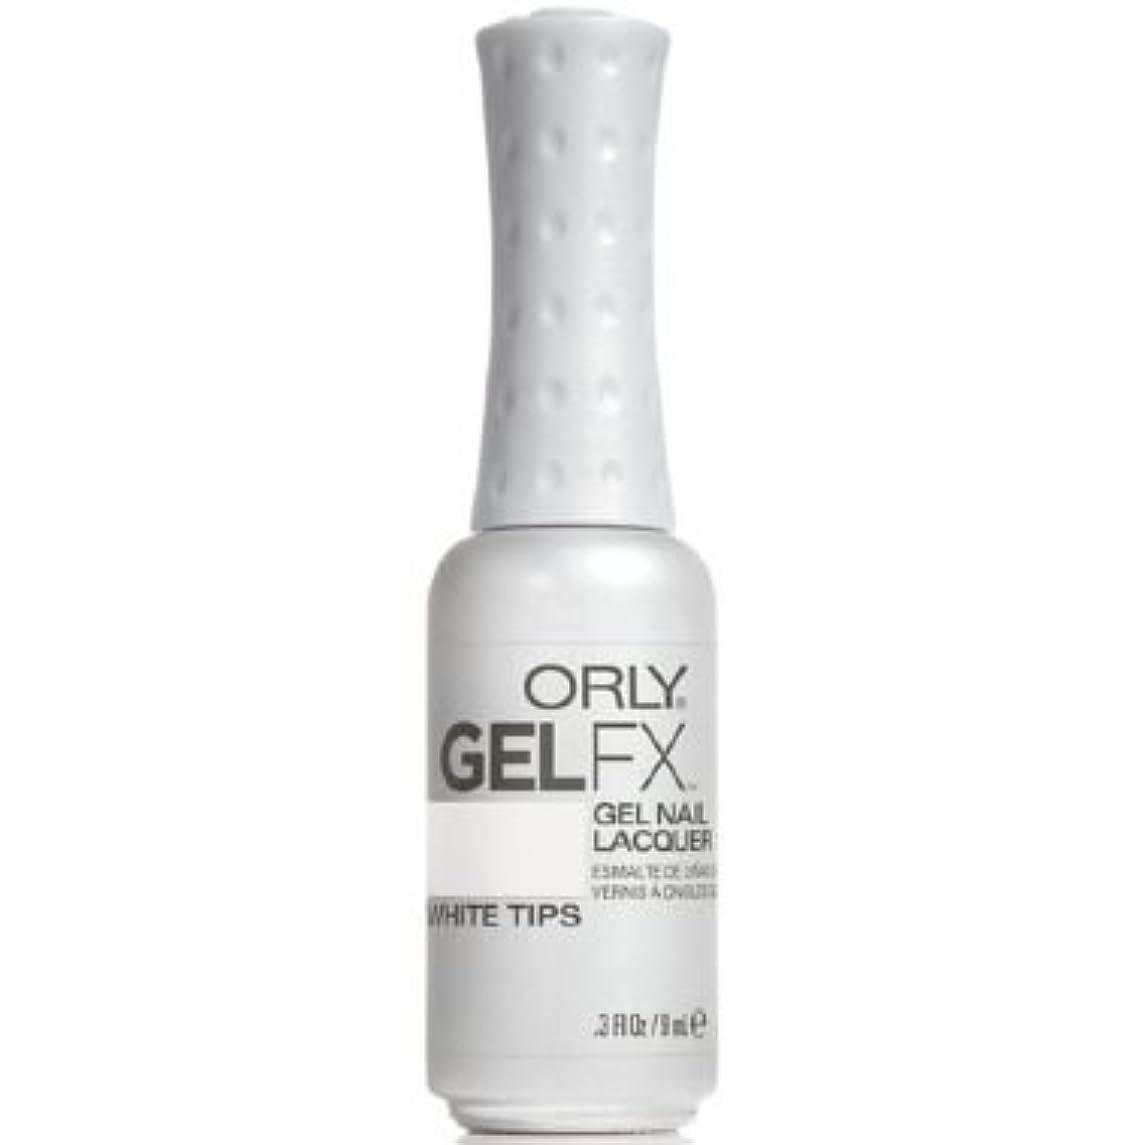 書道スチュアート島偉業Orly Gel FX Gel UV Vernis à Ongles/ Gel Polish - White Tips 9ml